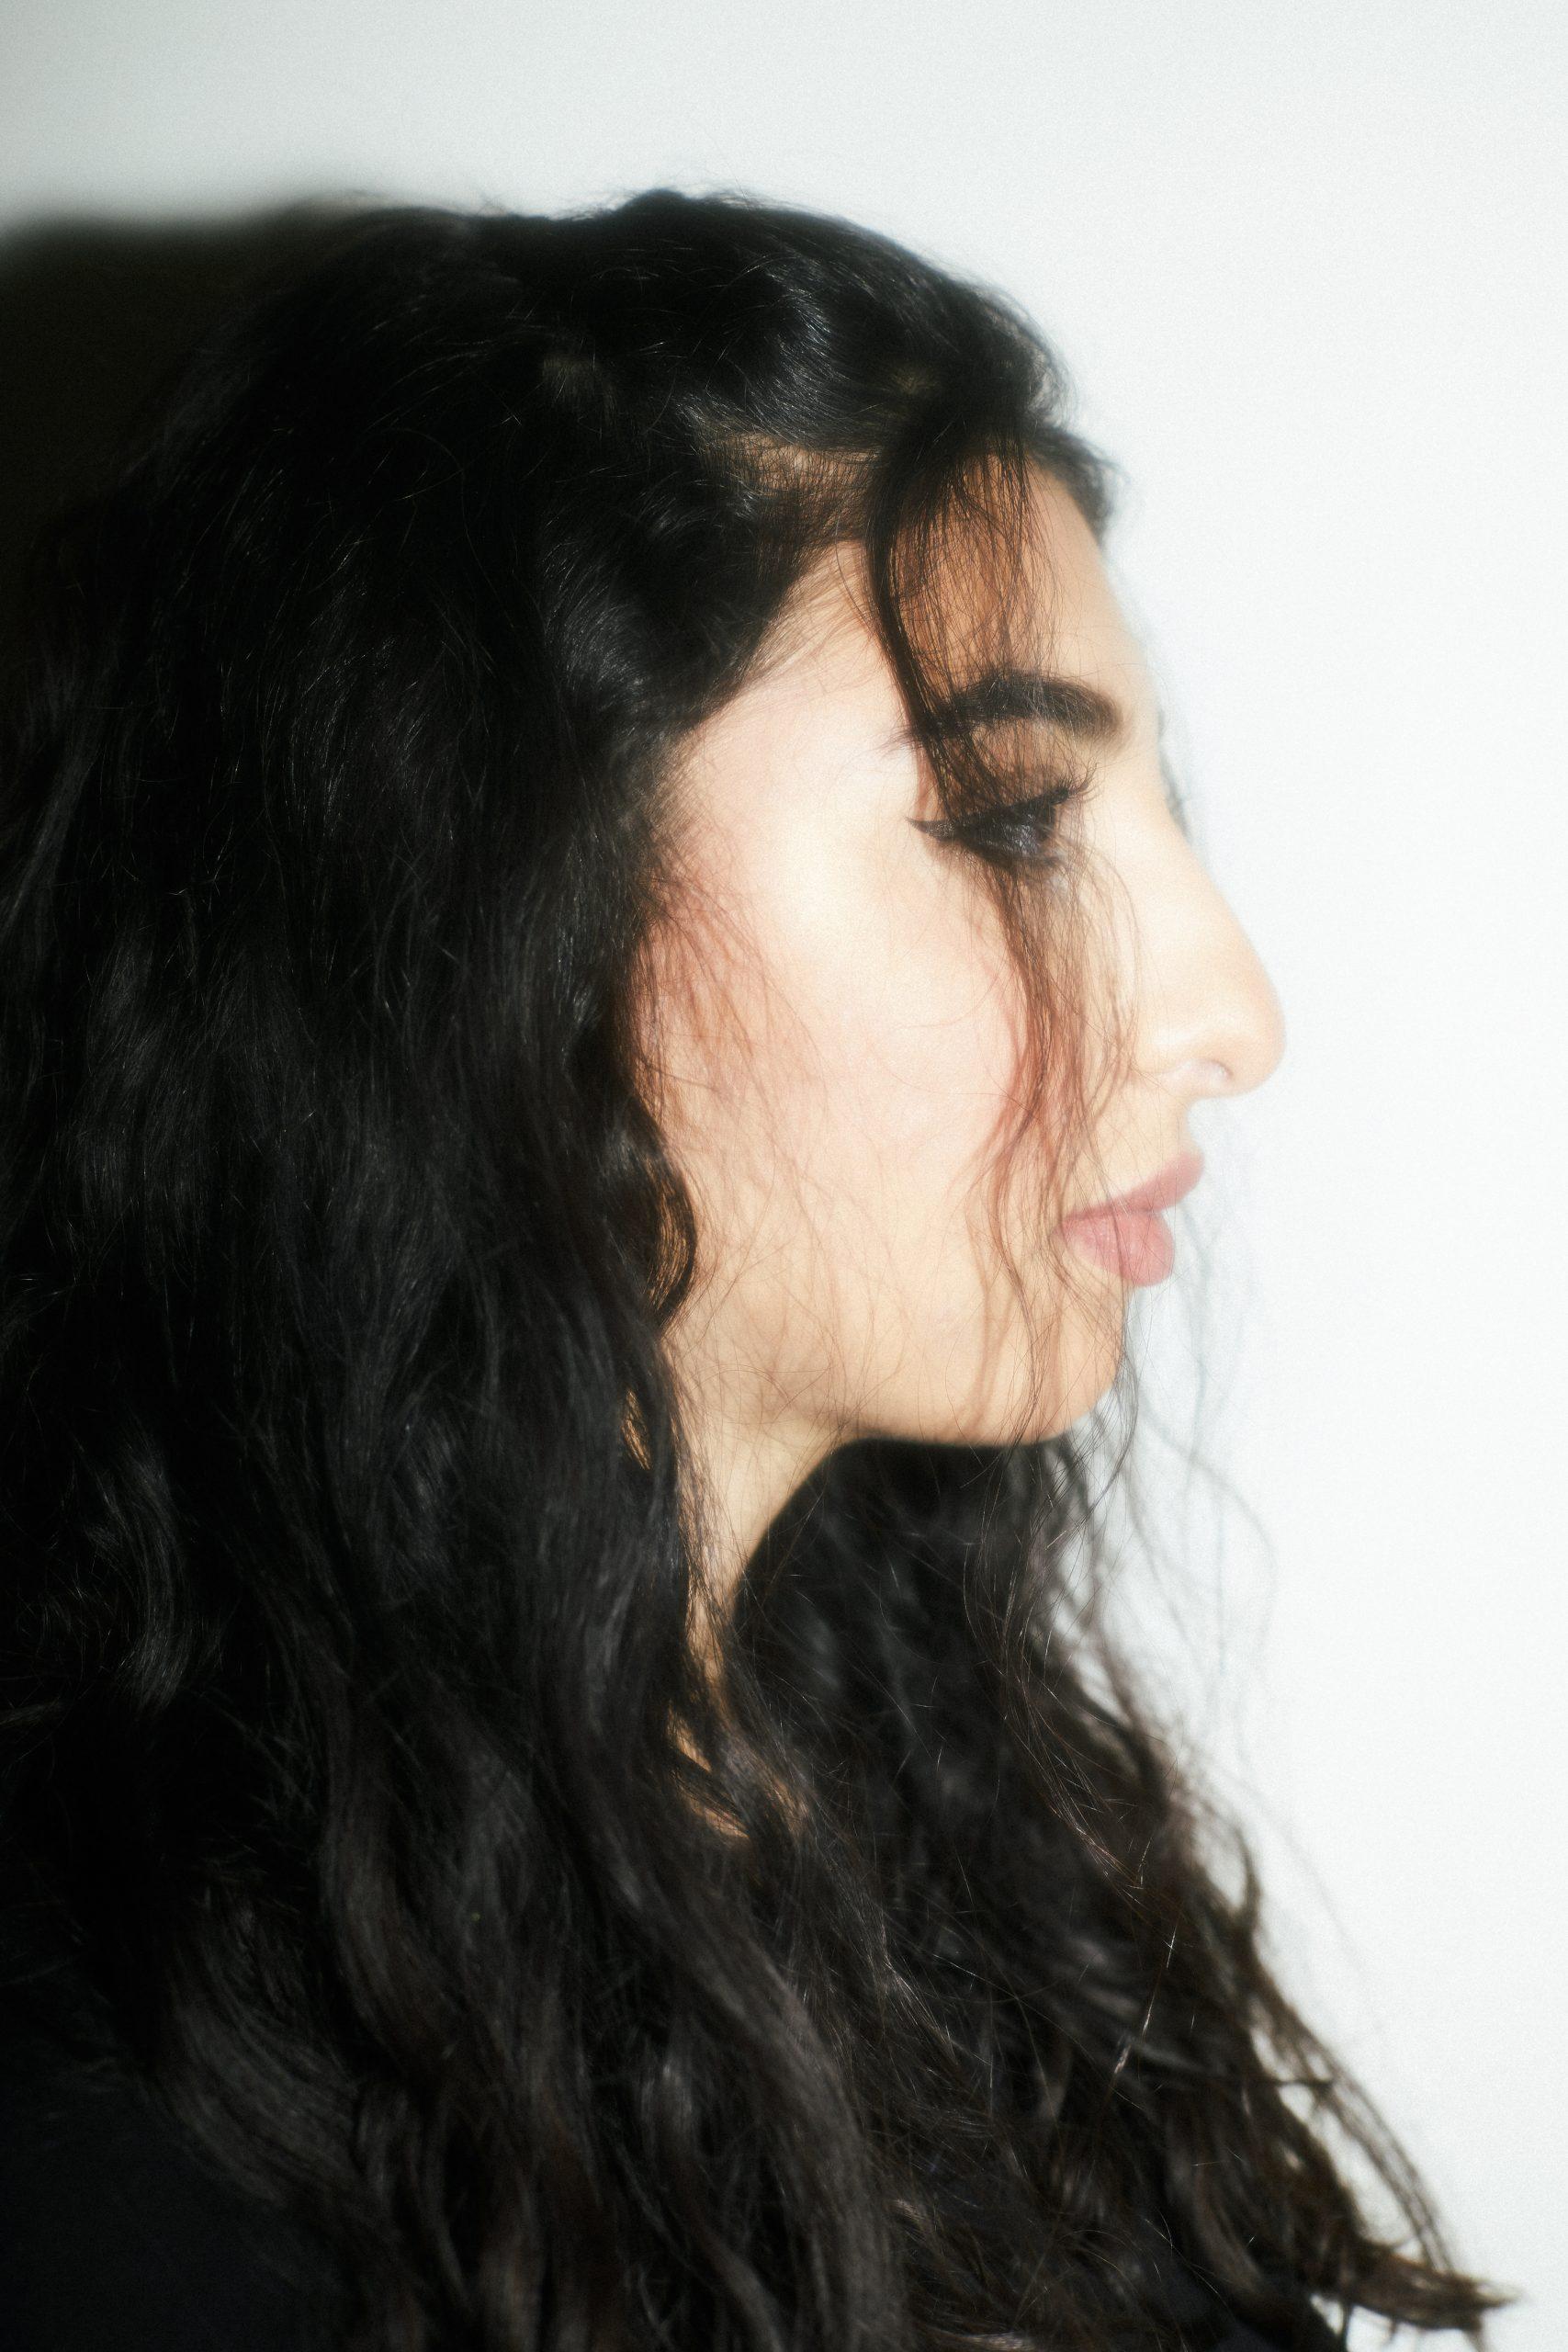 Maria_03 – Young Talent